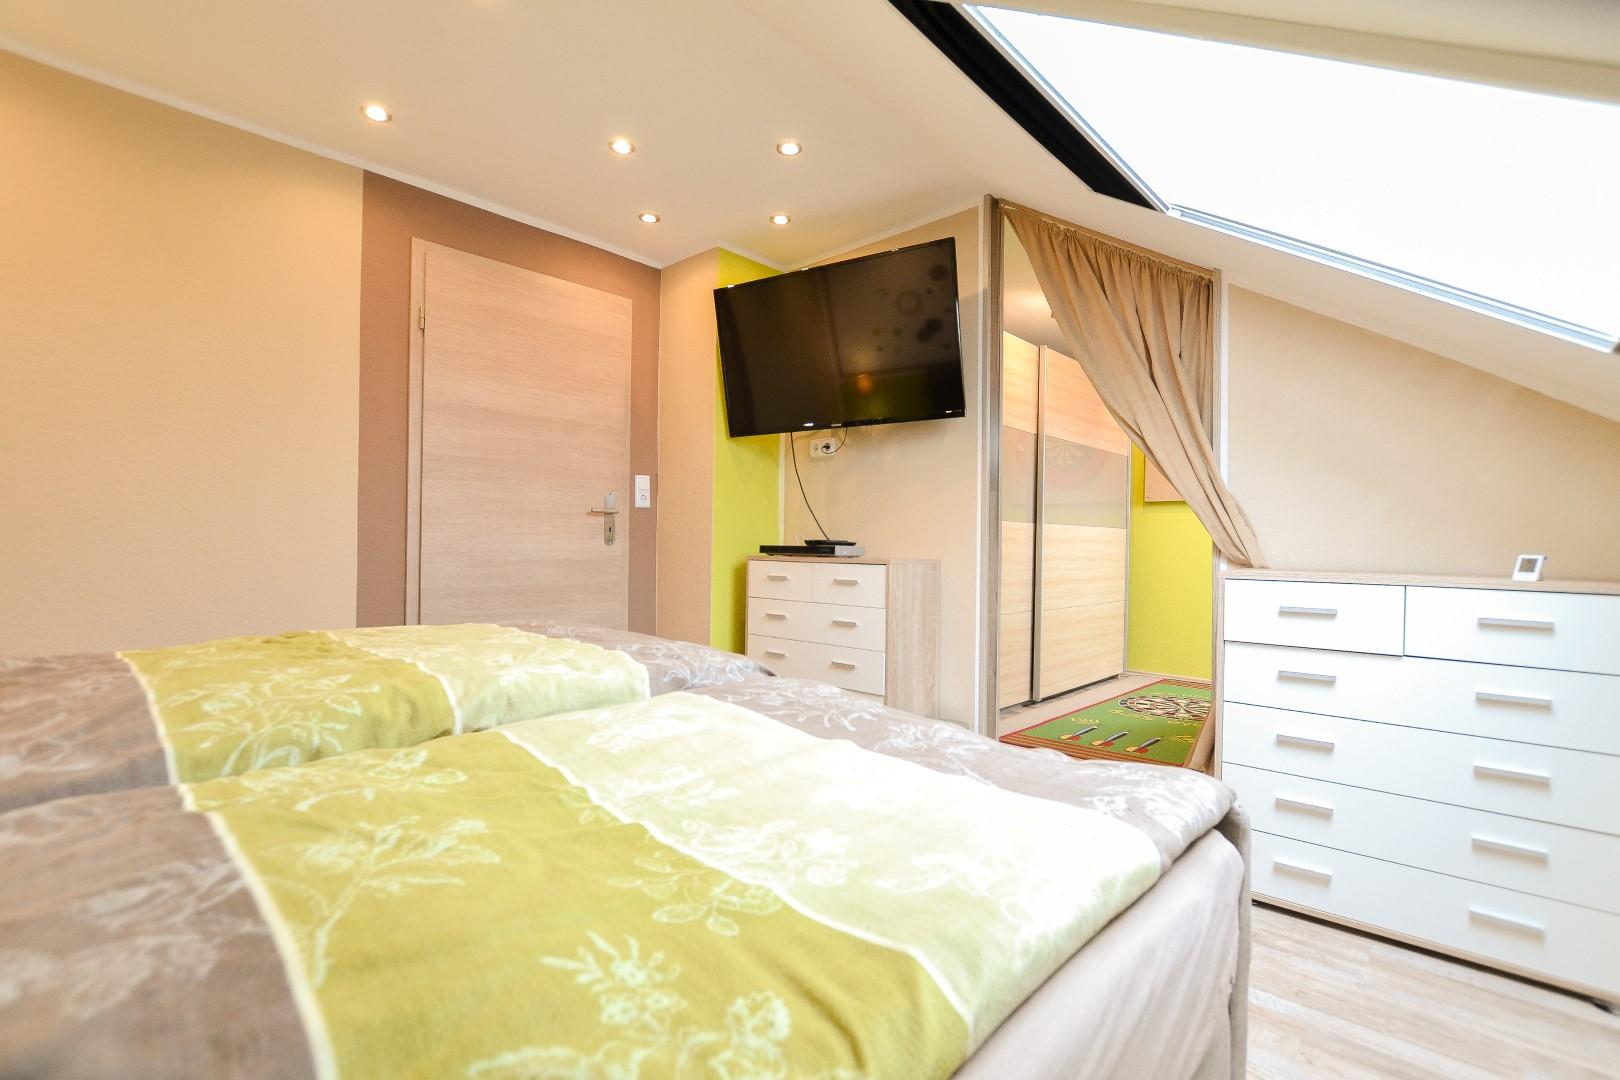 Schlafzimmer mit Blick in die Ankleide - Feldbusch ...